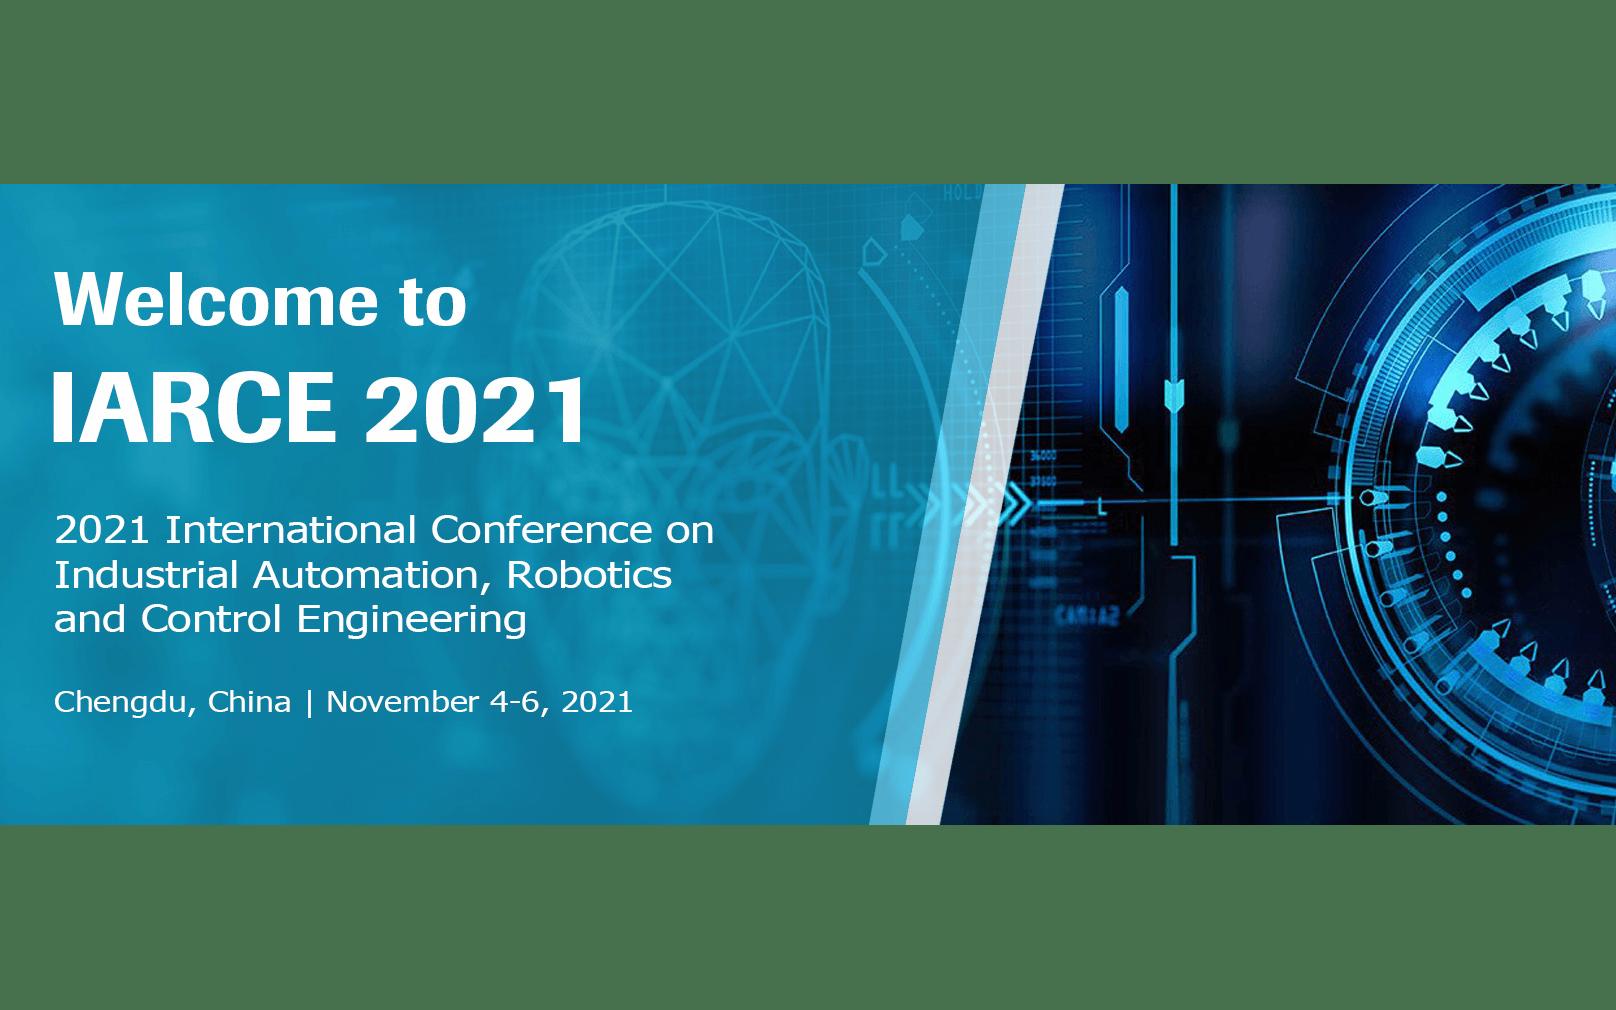 2021年工业自动化,机器人与控制工程国际必威体育登录(IARCE 2021)EI检索